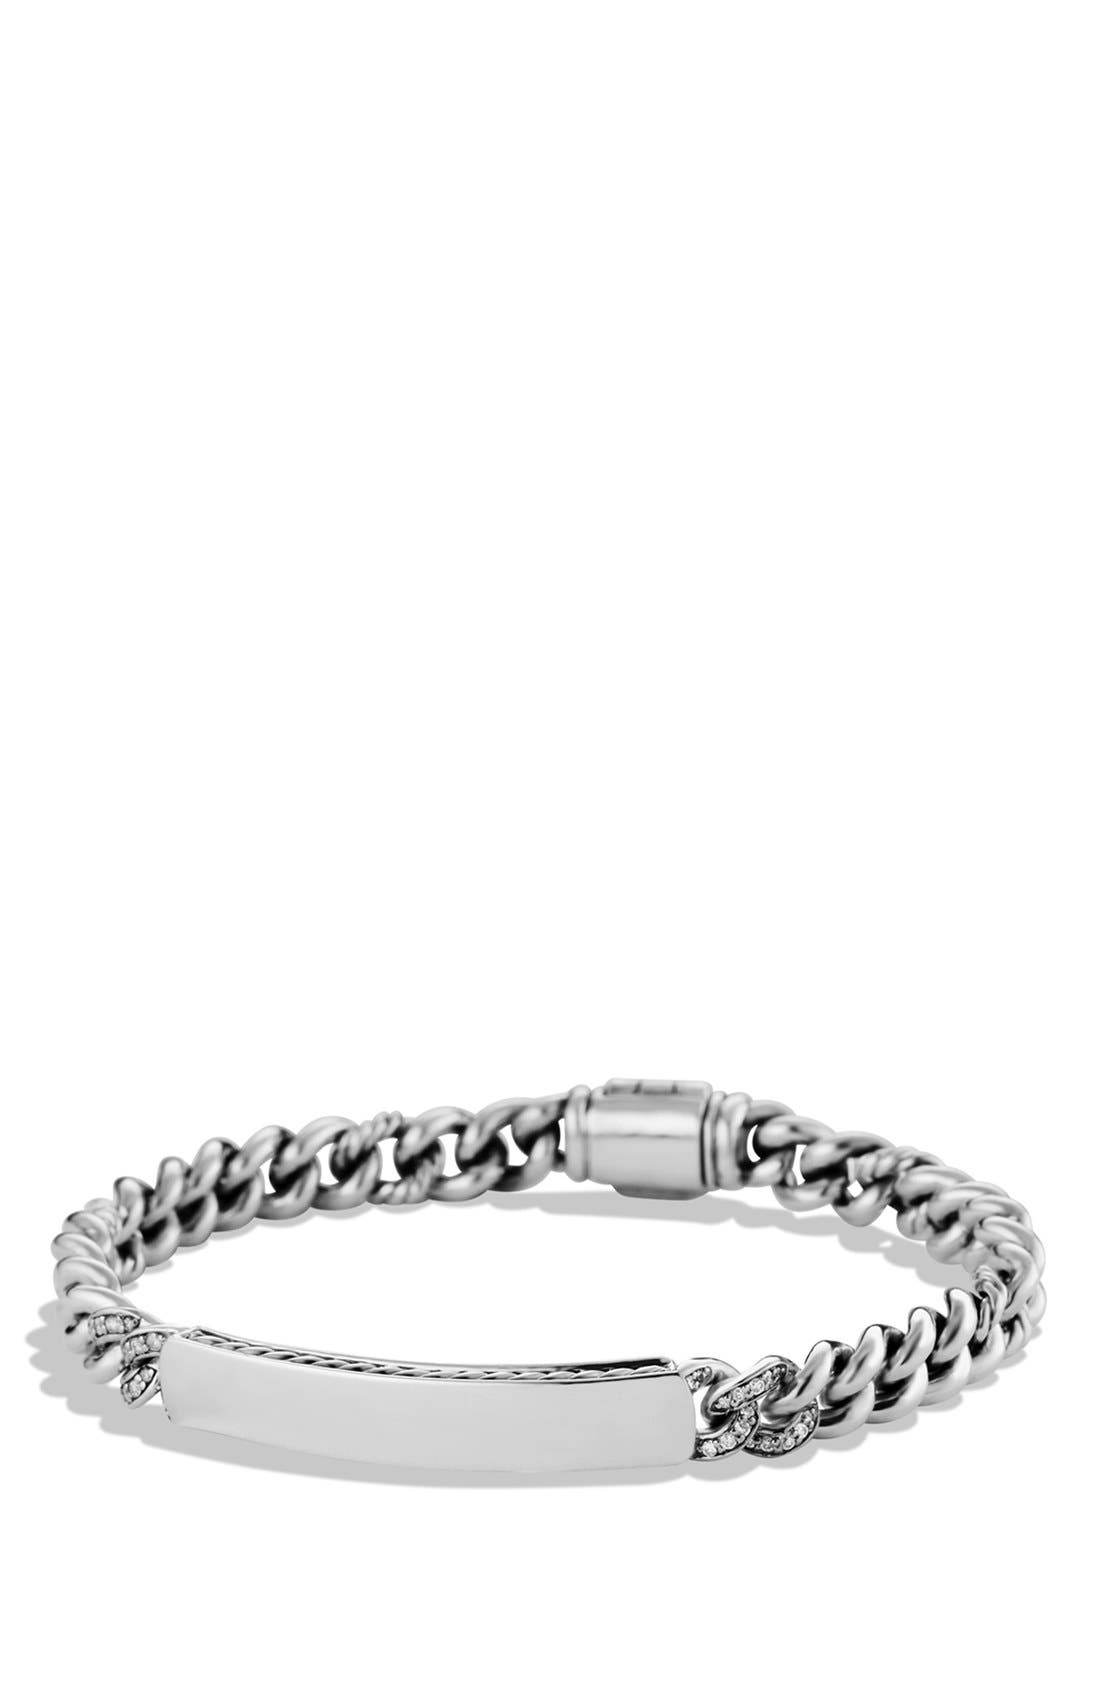 Main Image - David Yurman 'Petite Pavé' Curb Link ID Bracelet with Diamonds